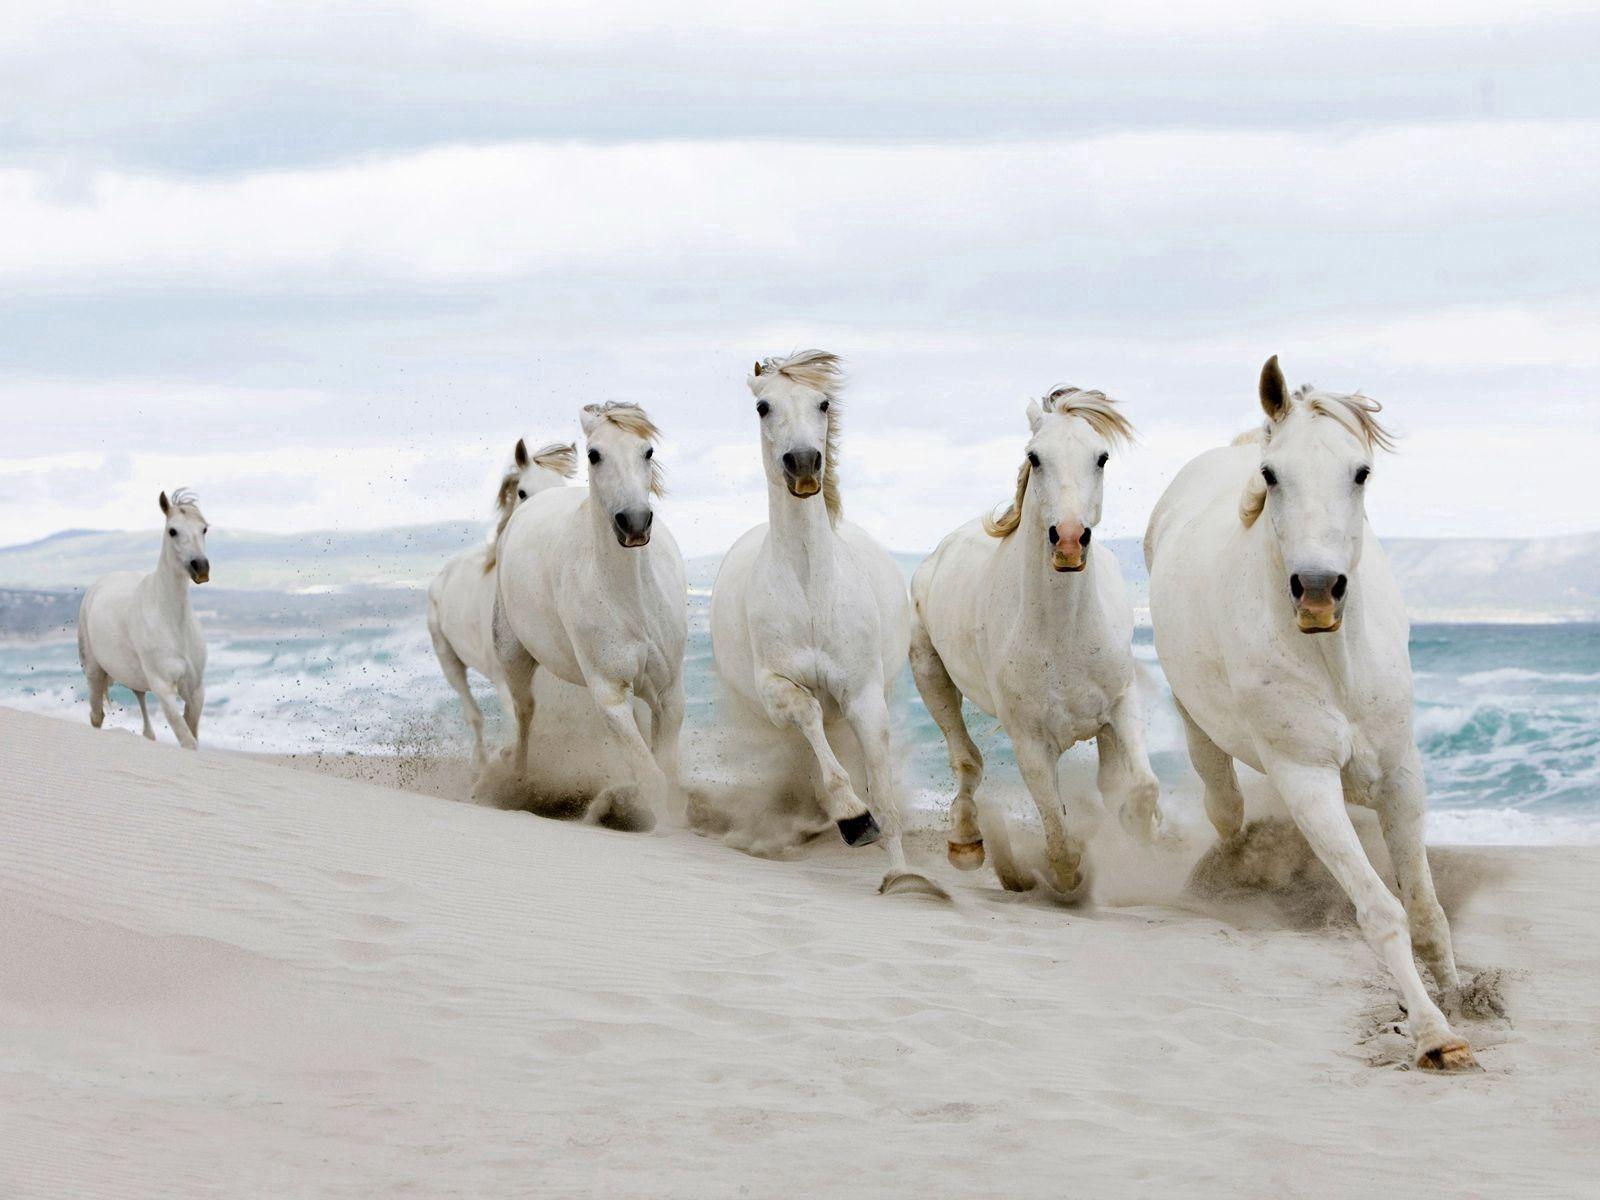 131242 скачать обои Животные, Лошади, Бег, Песок, Табун - заставки и картинки бесплатно